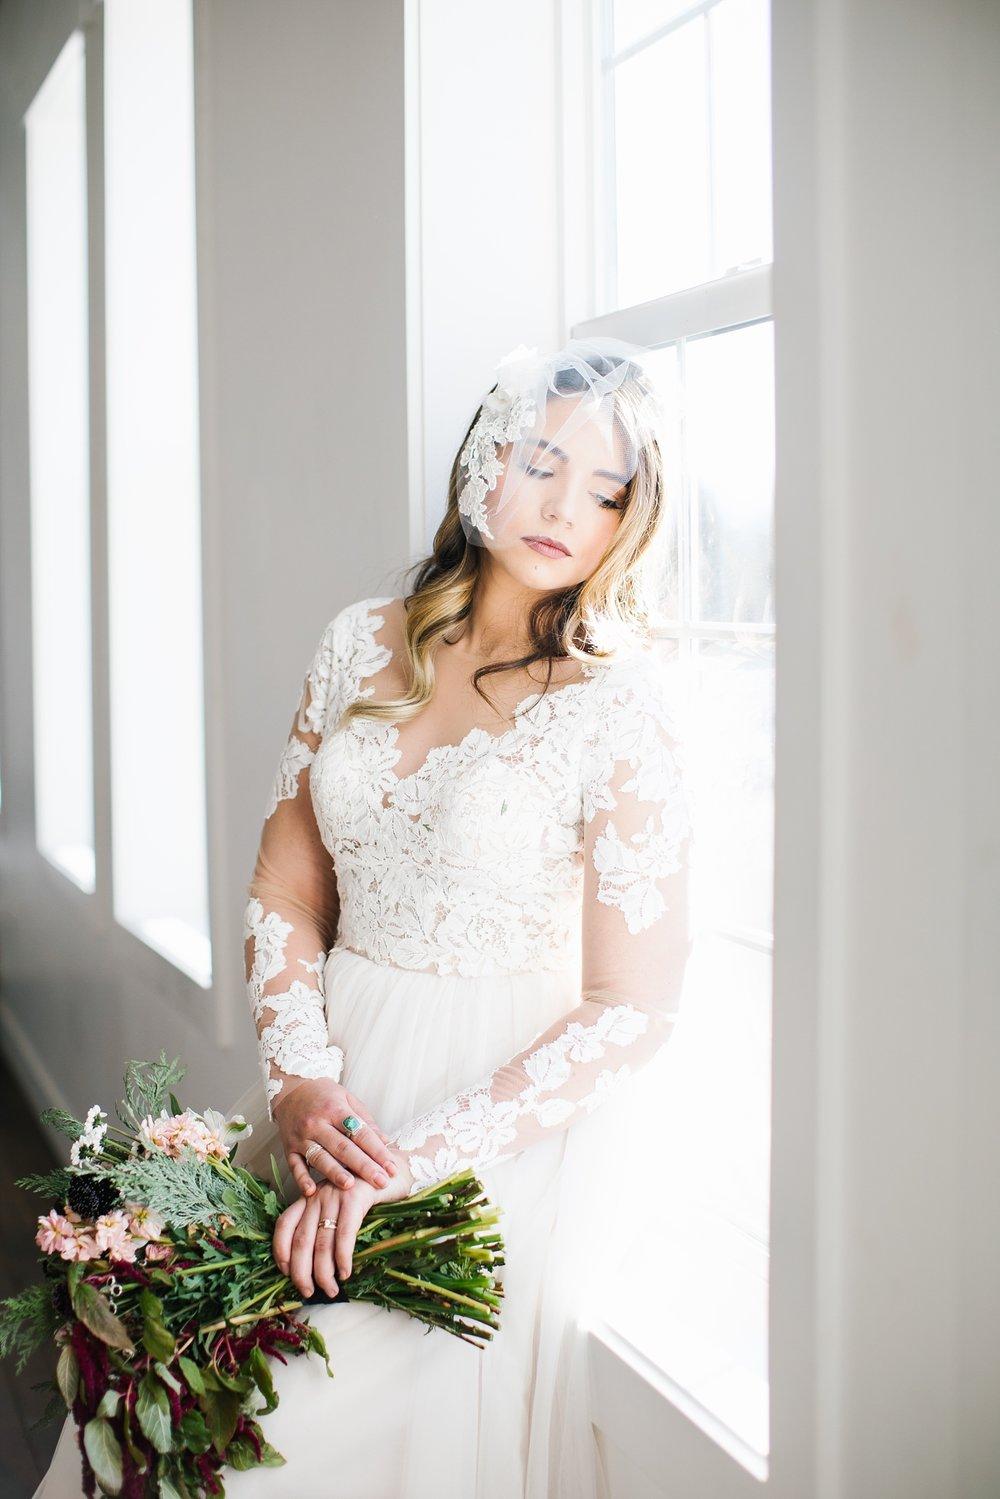 748A1140-Edit-76_Lizzie-B-Imagery-Utah-Wedding-Photographer-Park-City-Wedding-Photographer-The-Loft-Studio-Lehi-Utah.jpg